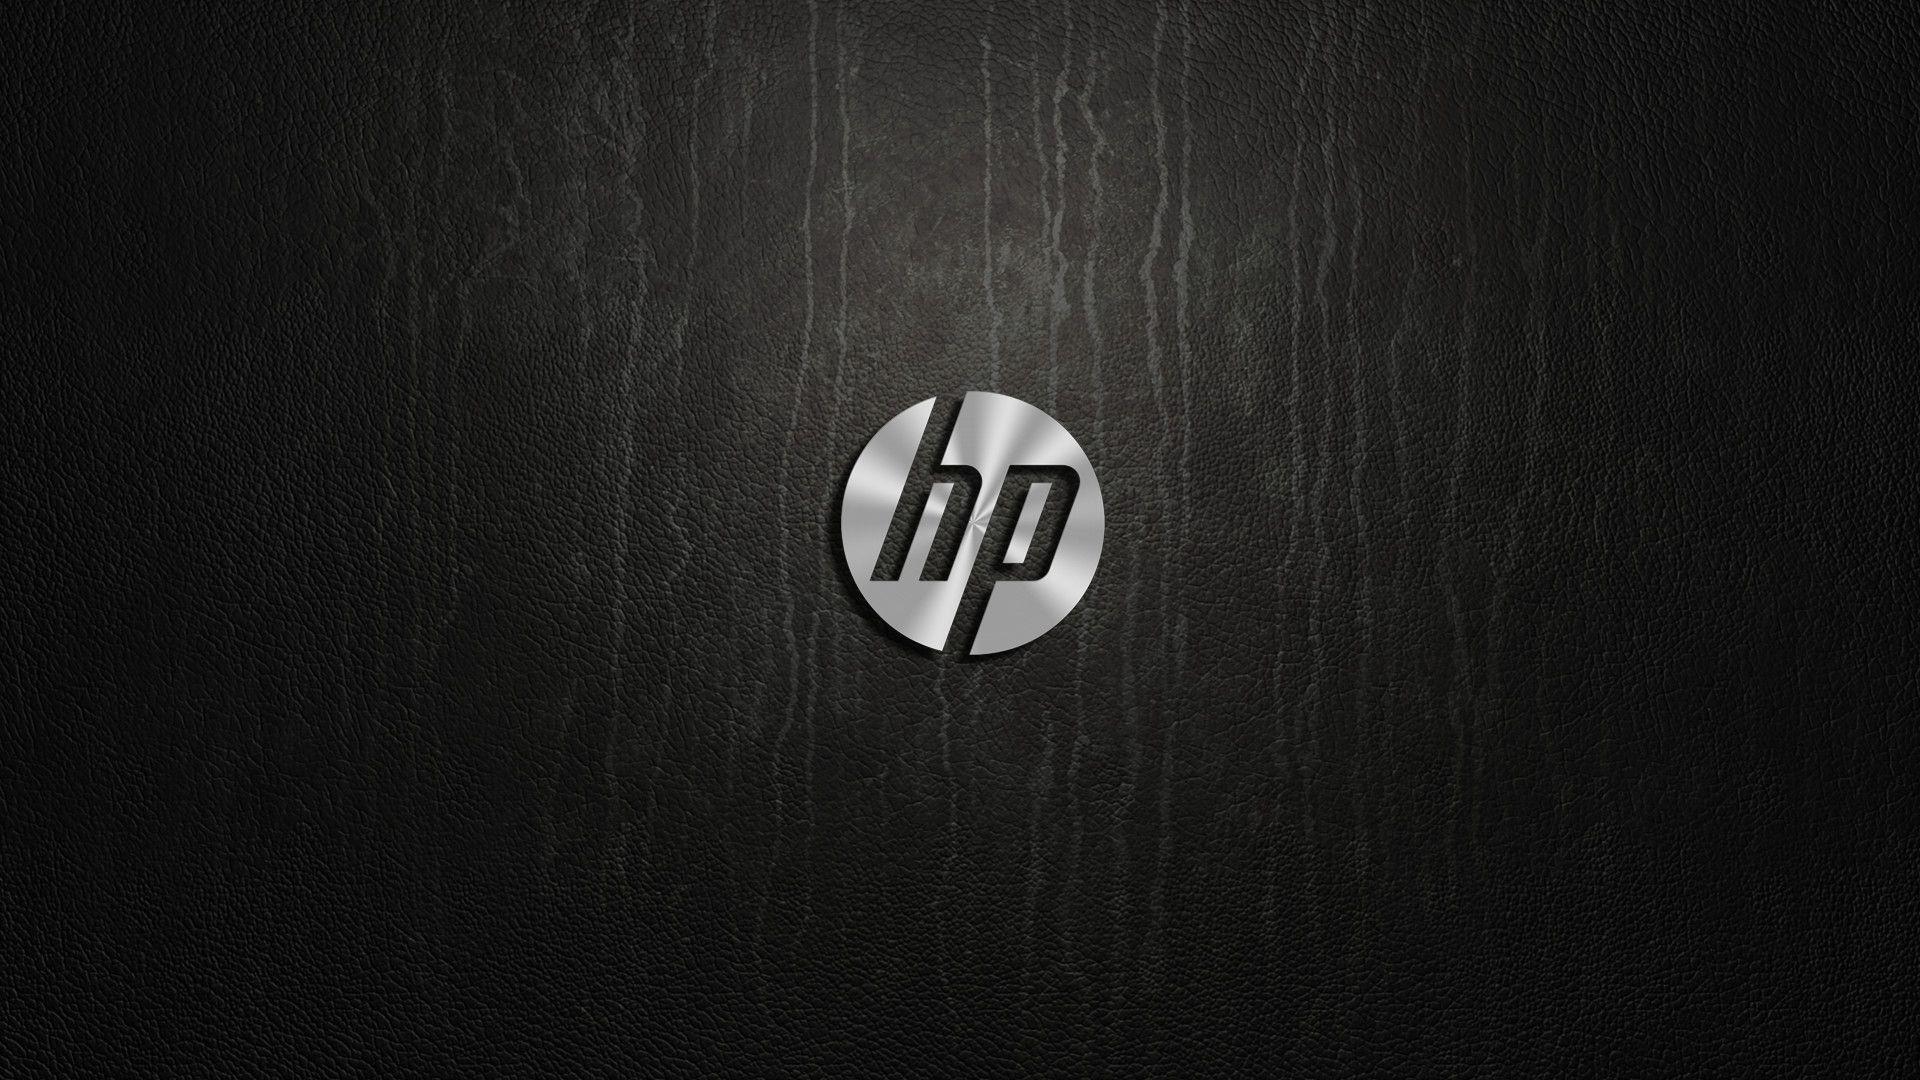 Pin By D4rk么st4r On Dark Wallpepar Hp Logo High Resolution Wallpapers Hewlett Packard High resolution hp laptop wallpaper hd